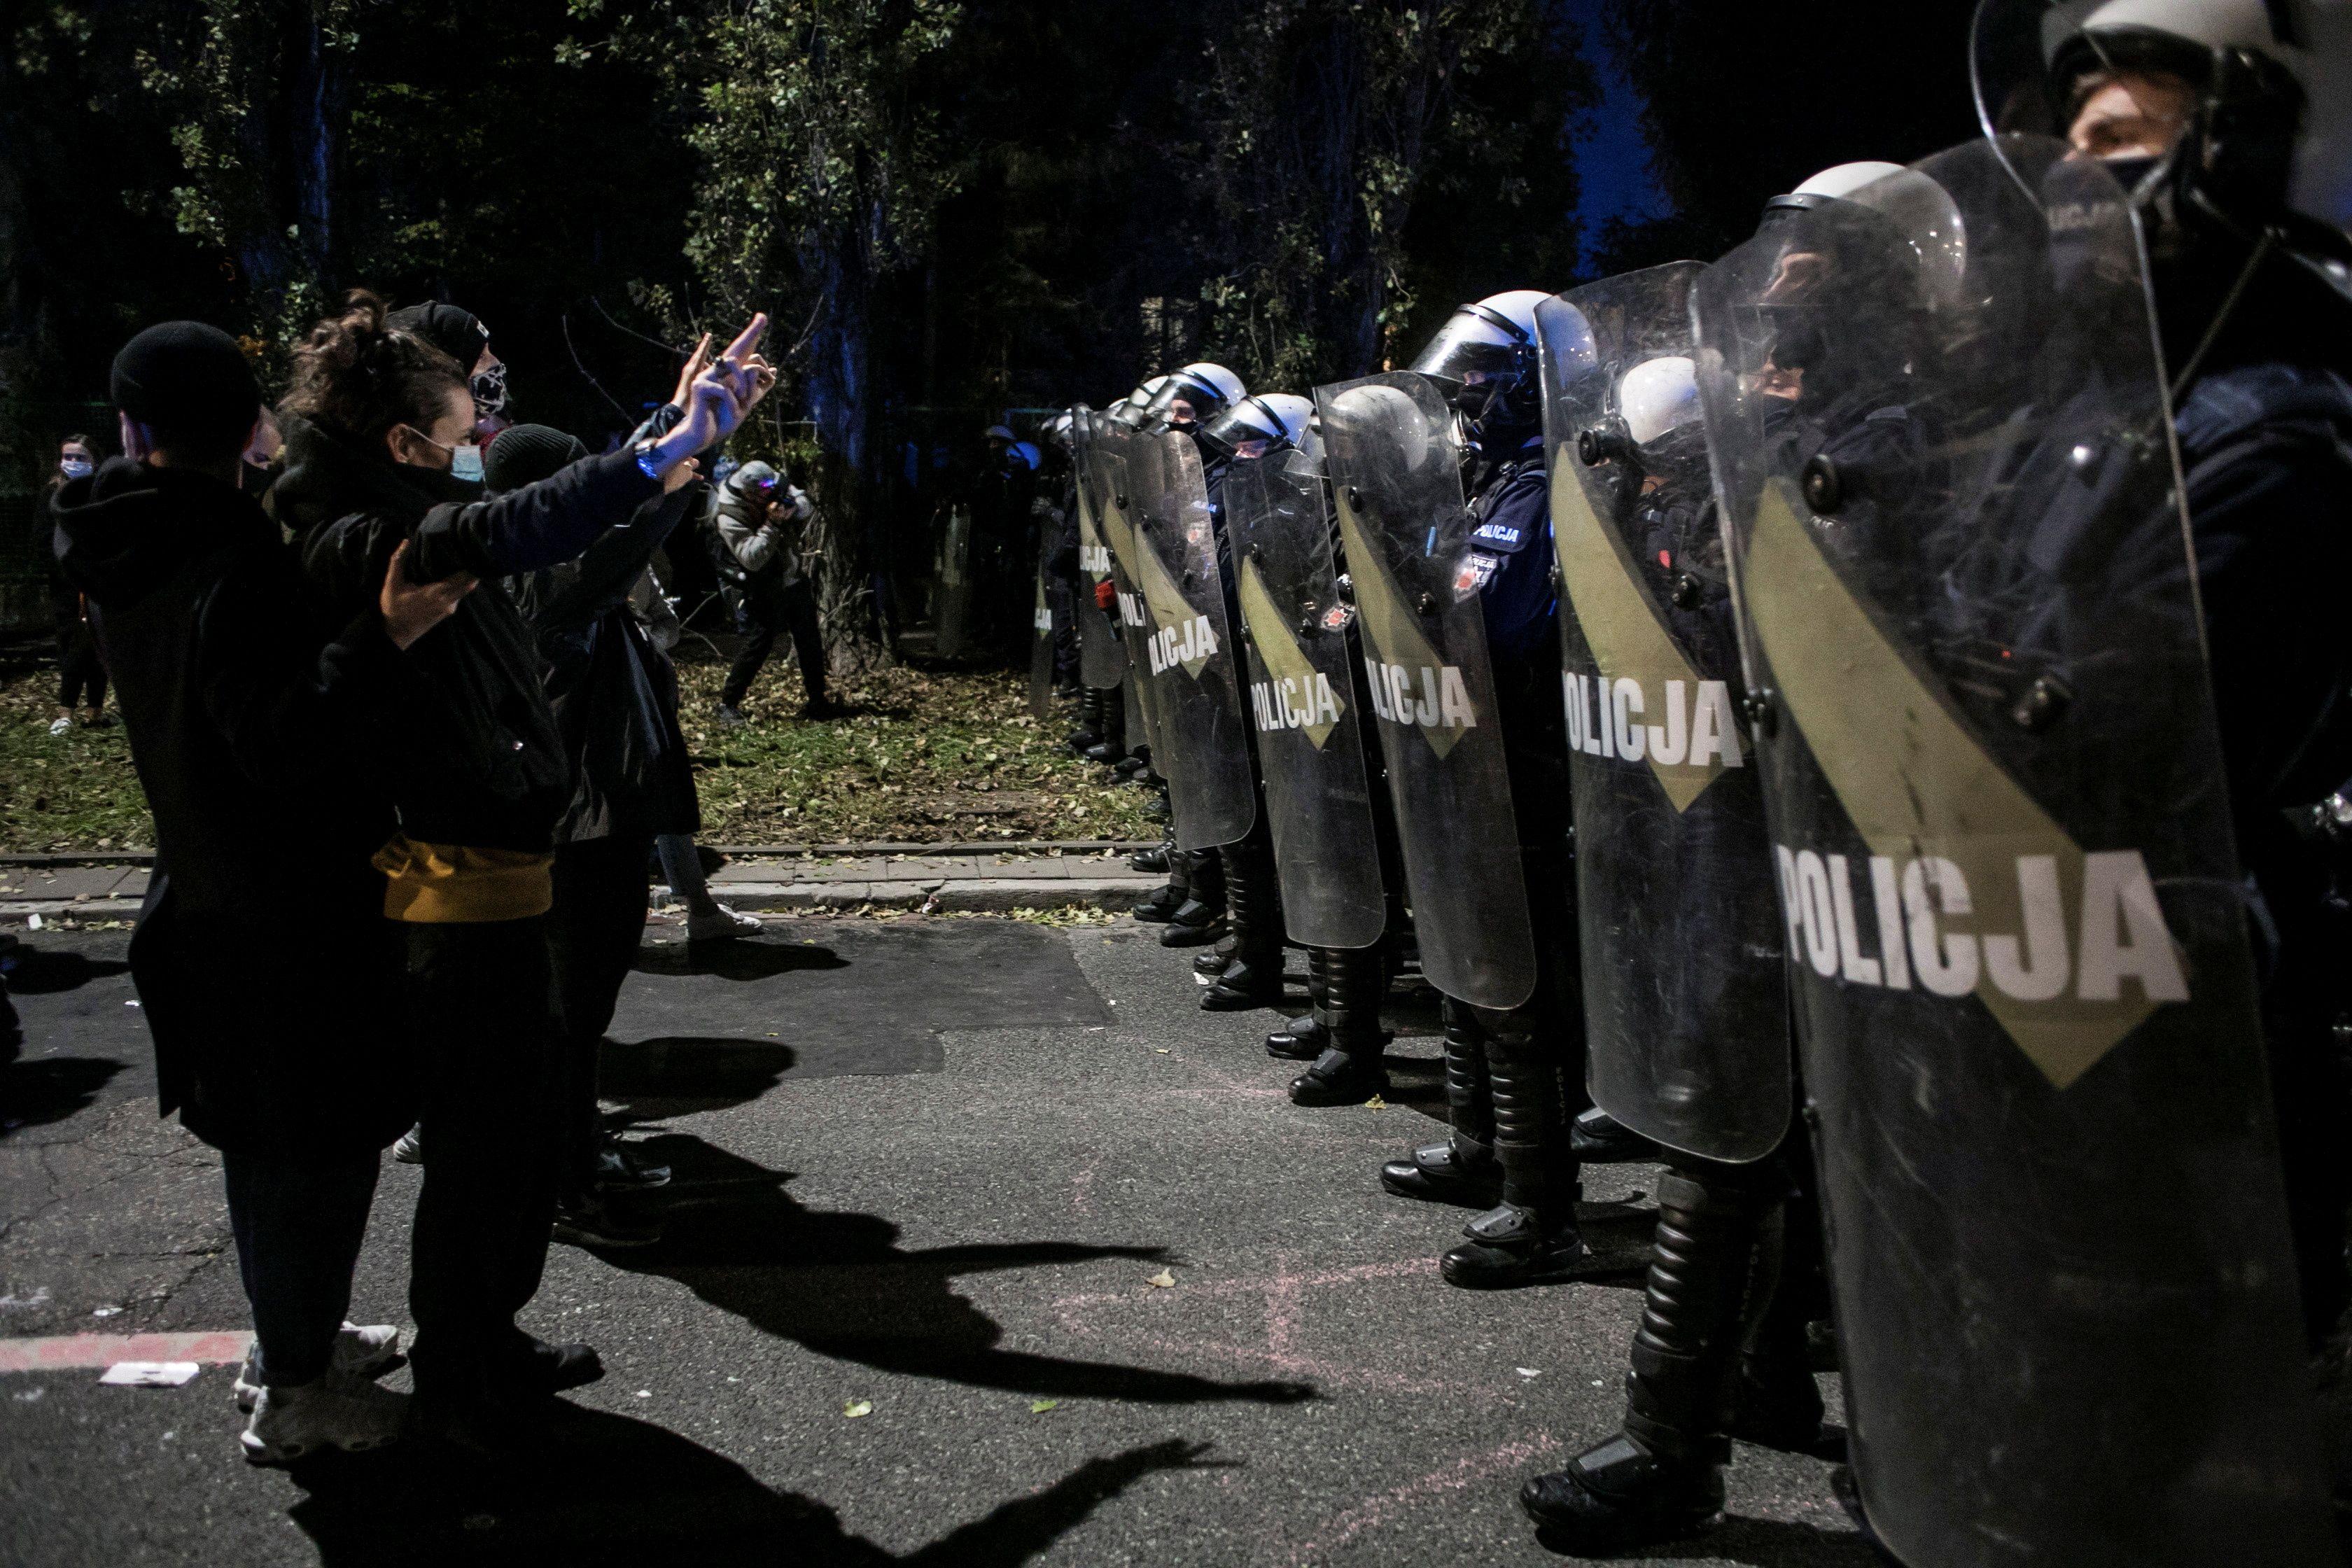 В Польше после запрета абортов вспыхнули протесты: полиция применила газ